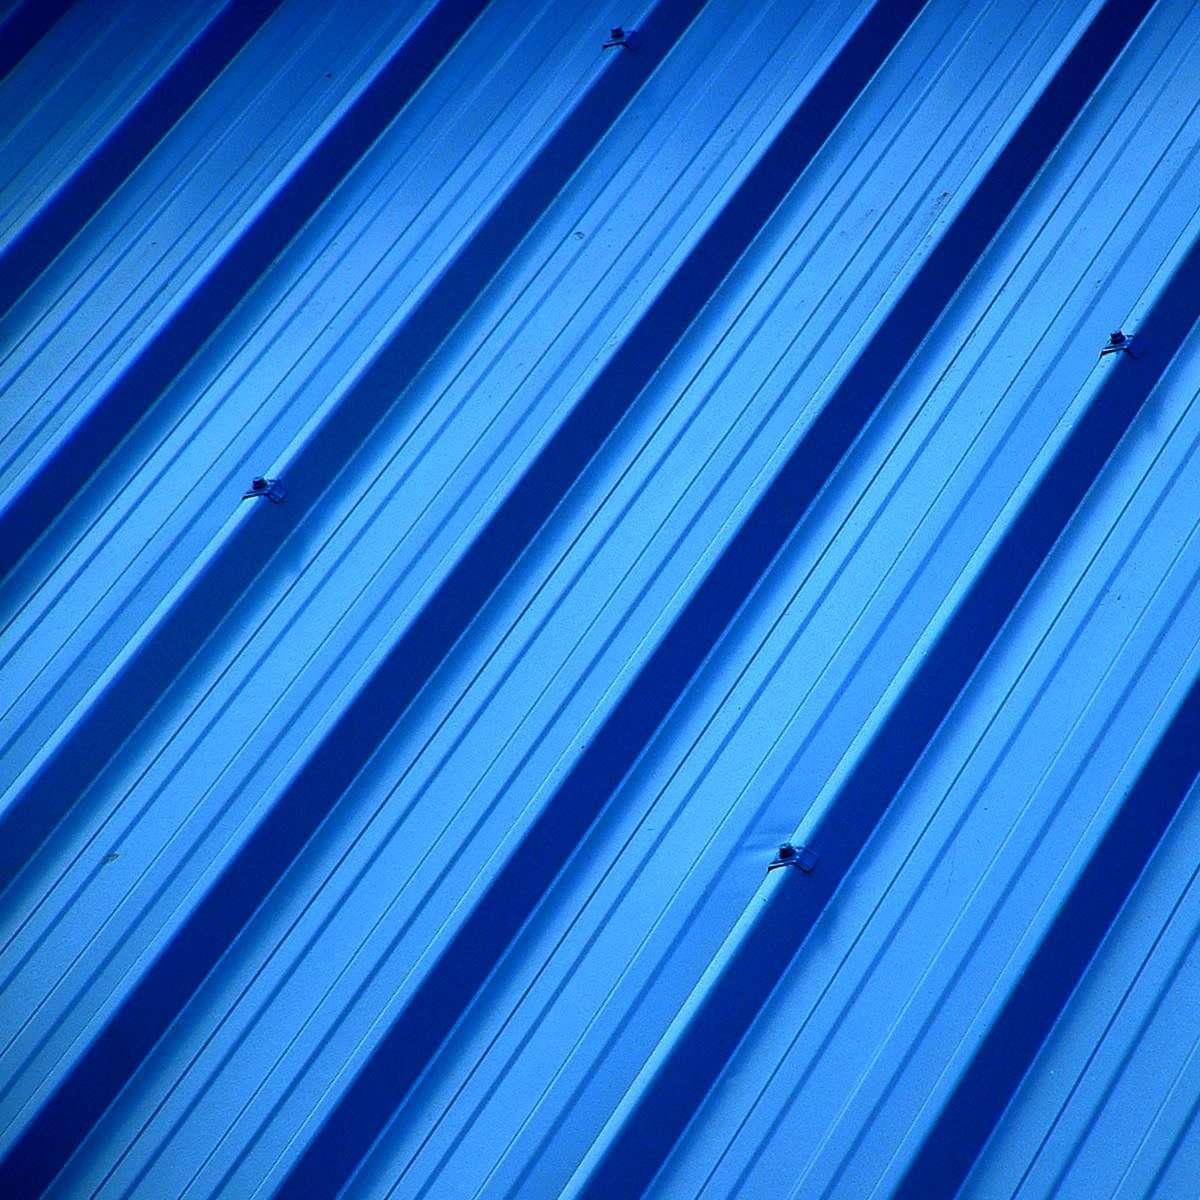 L'ordre de pose est un élément essentiel de la toiture en bardage. © OliBac, Flicr, CC BY 2.0